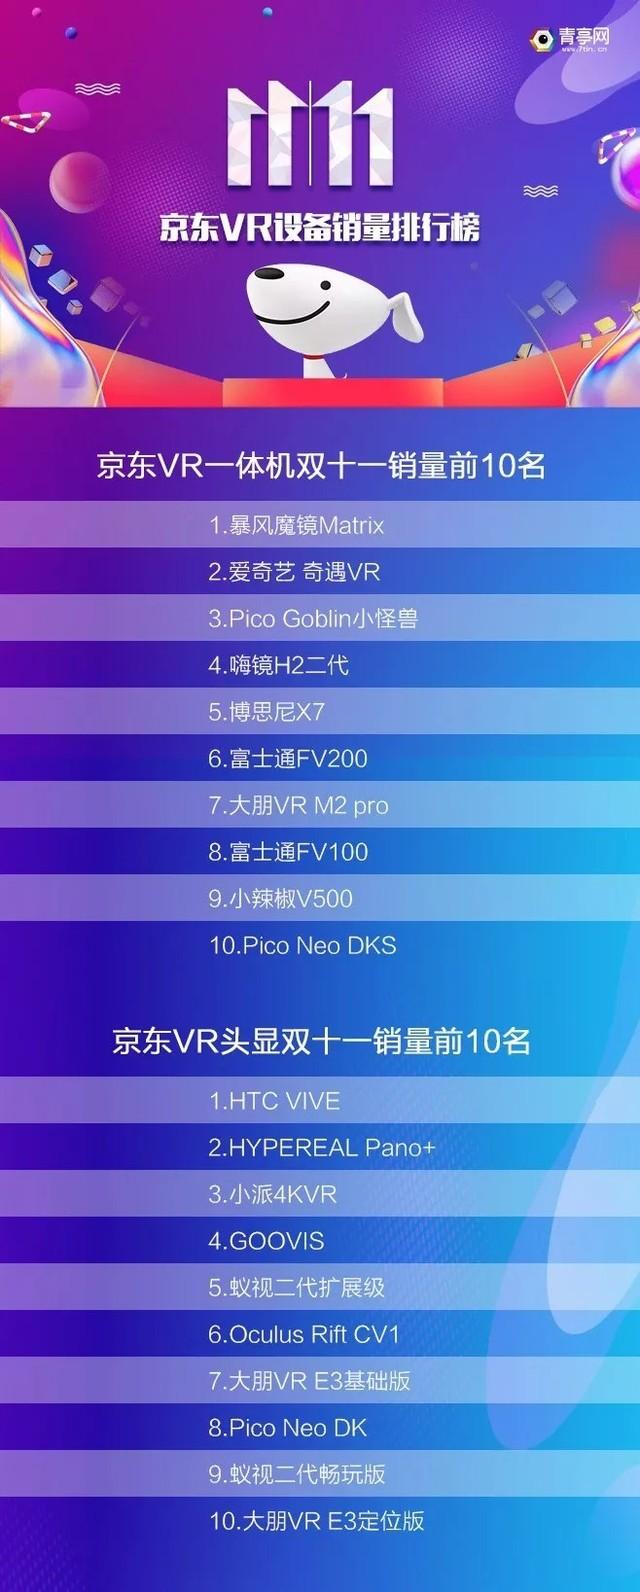 双·11天猫京东VR销量榜 PS惊人HTC略惨